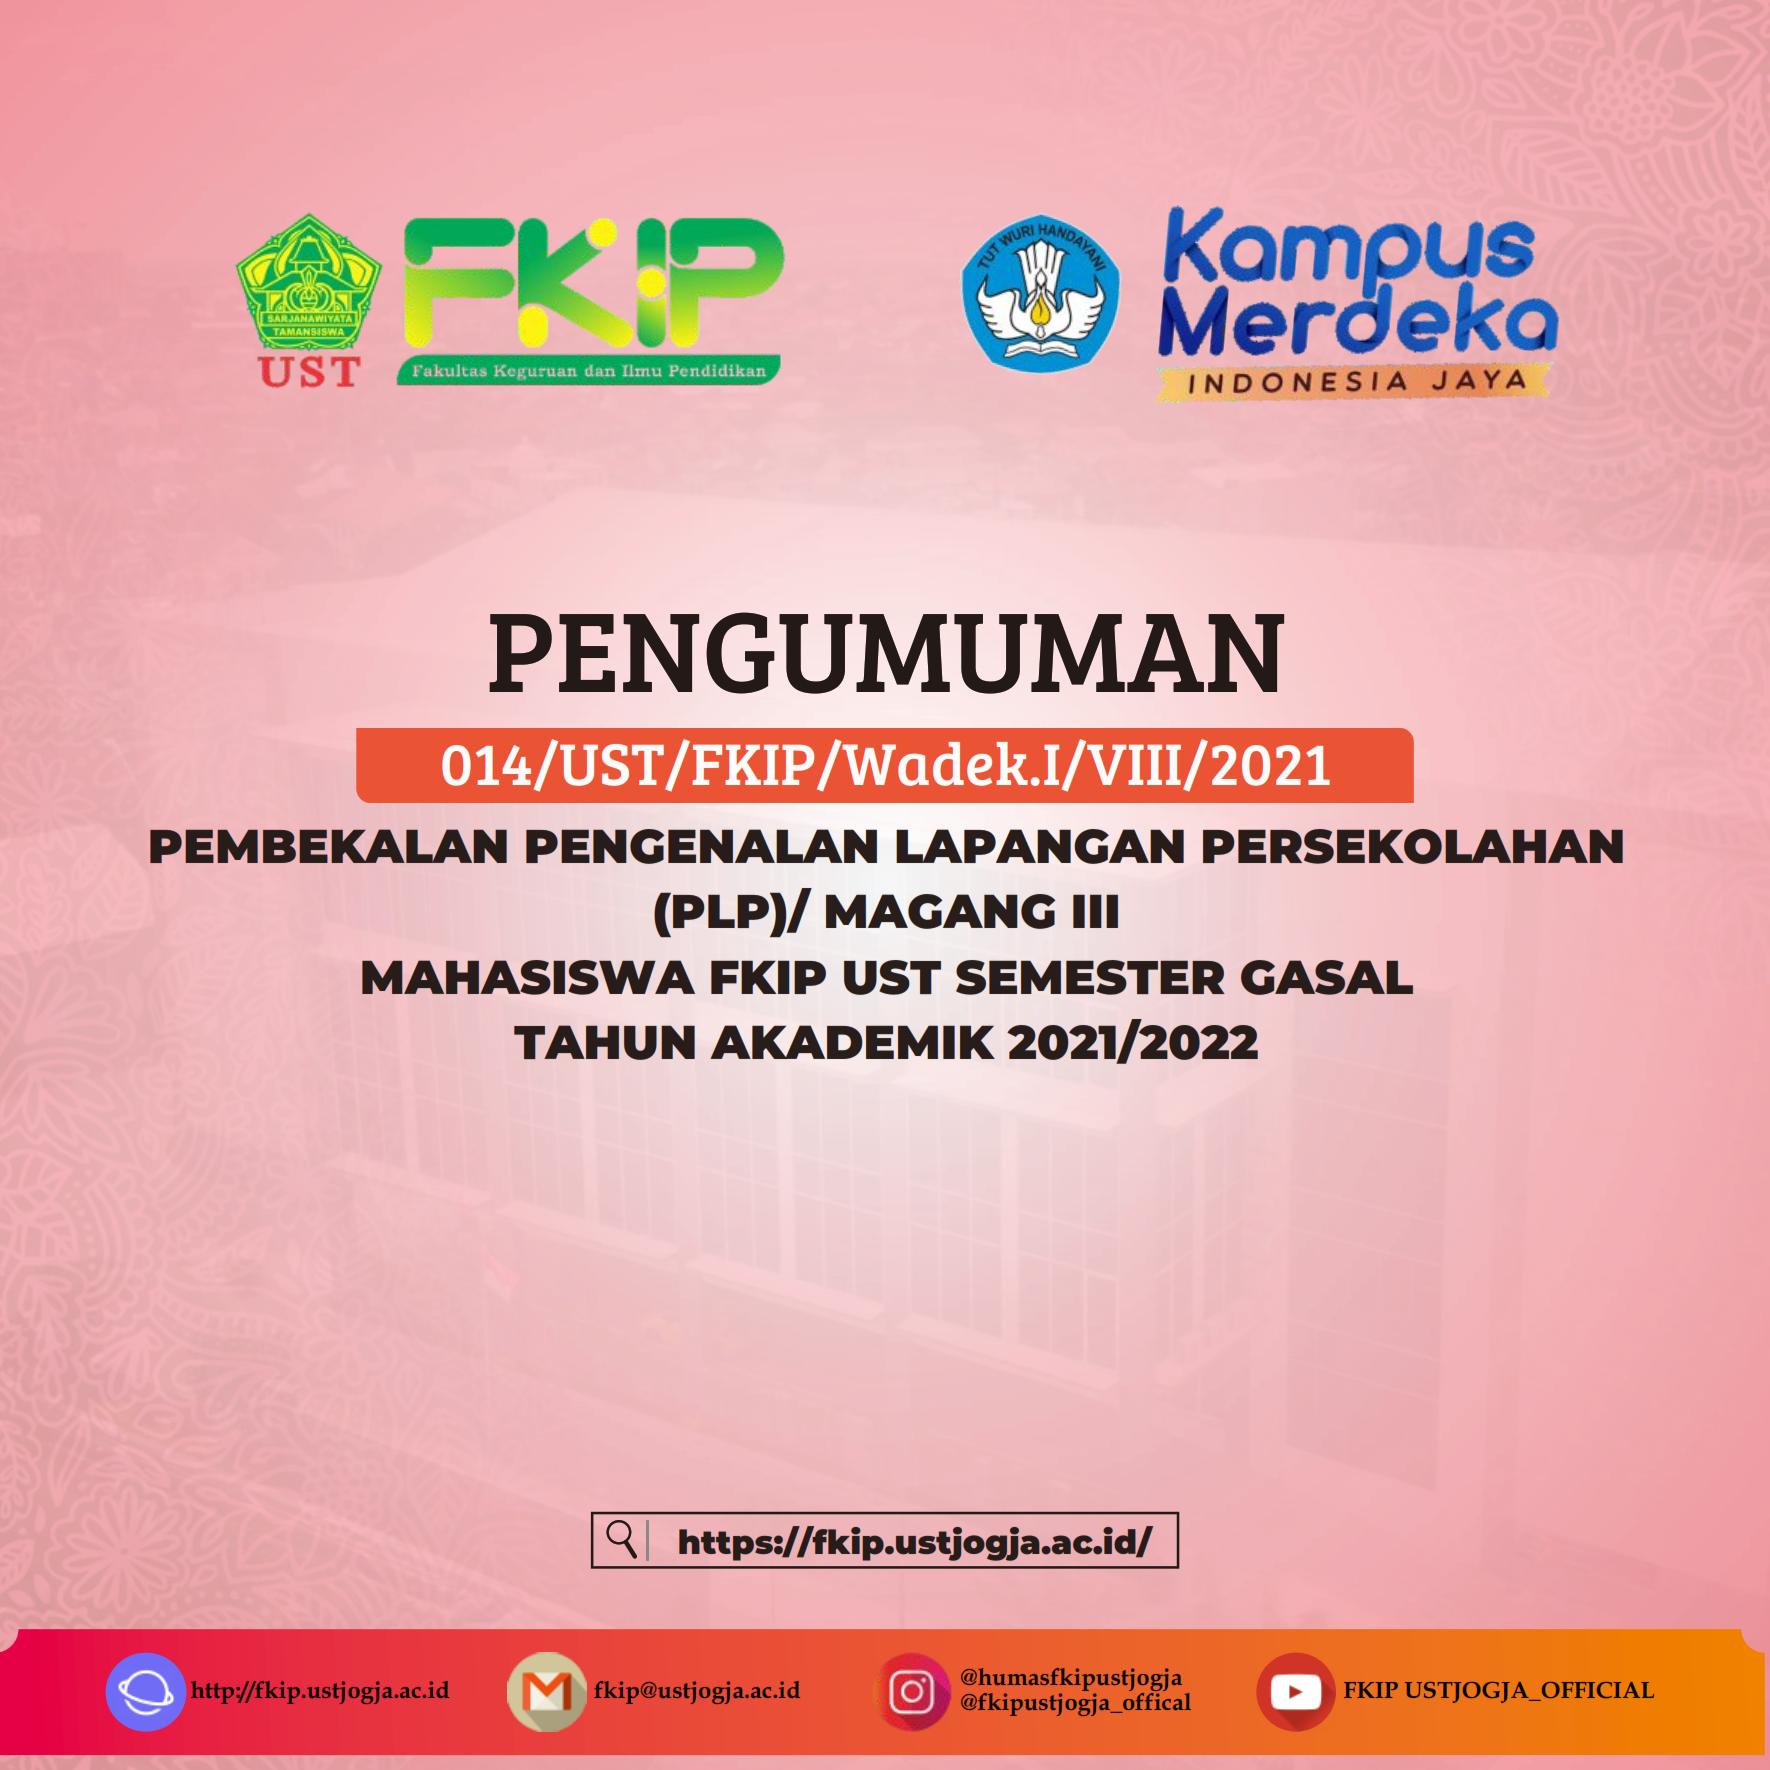 PENGUMUMAN PEMBEKALAN PENGENALAN LAPANGAN PERSEKOLAHAN (PLP)/MAGANG III MAHASISWA FKIP UST SEMESTER GASAL TAHUN AKADEMIK 2021/2022